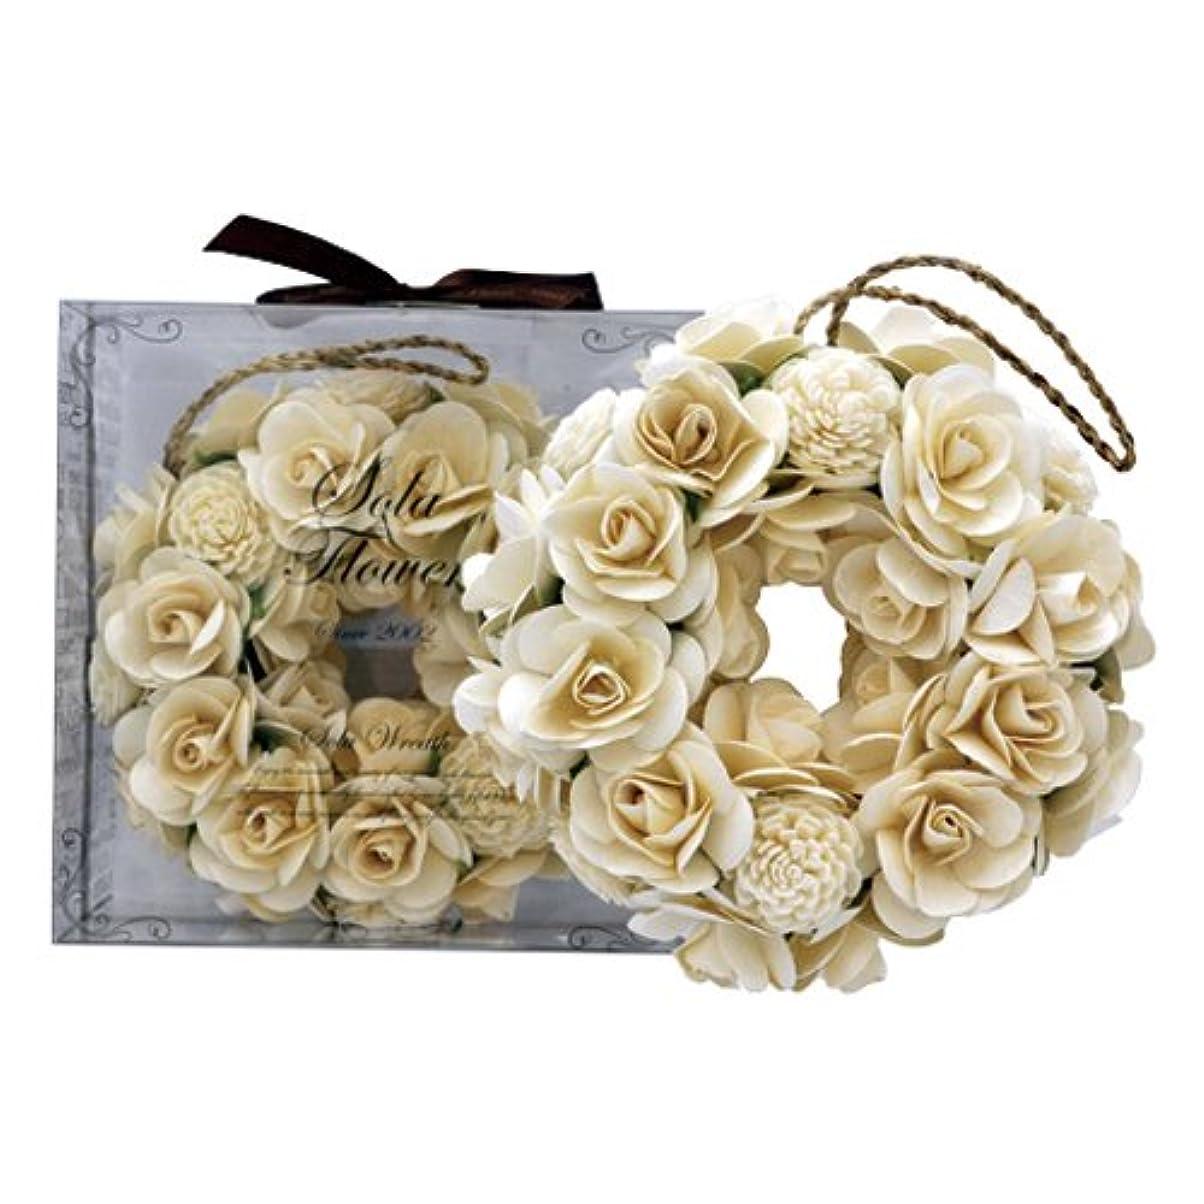 入力感心するドライブnew Sola Flower ソラフラワー リース Sweet Dahlia スウィートダリア Wreath